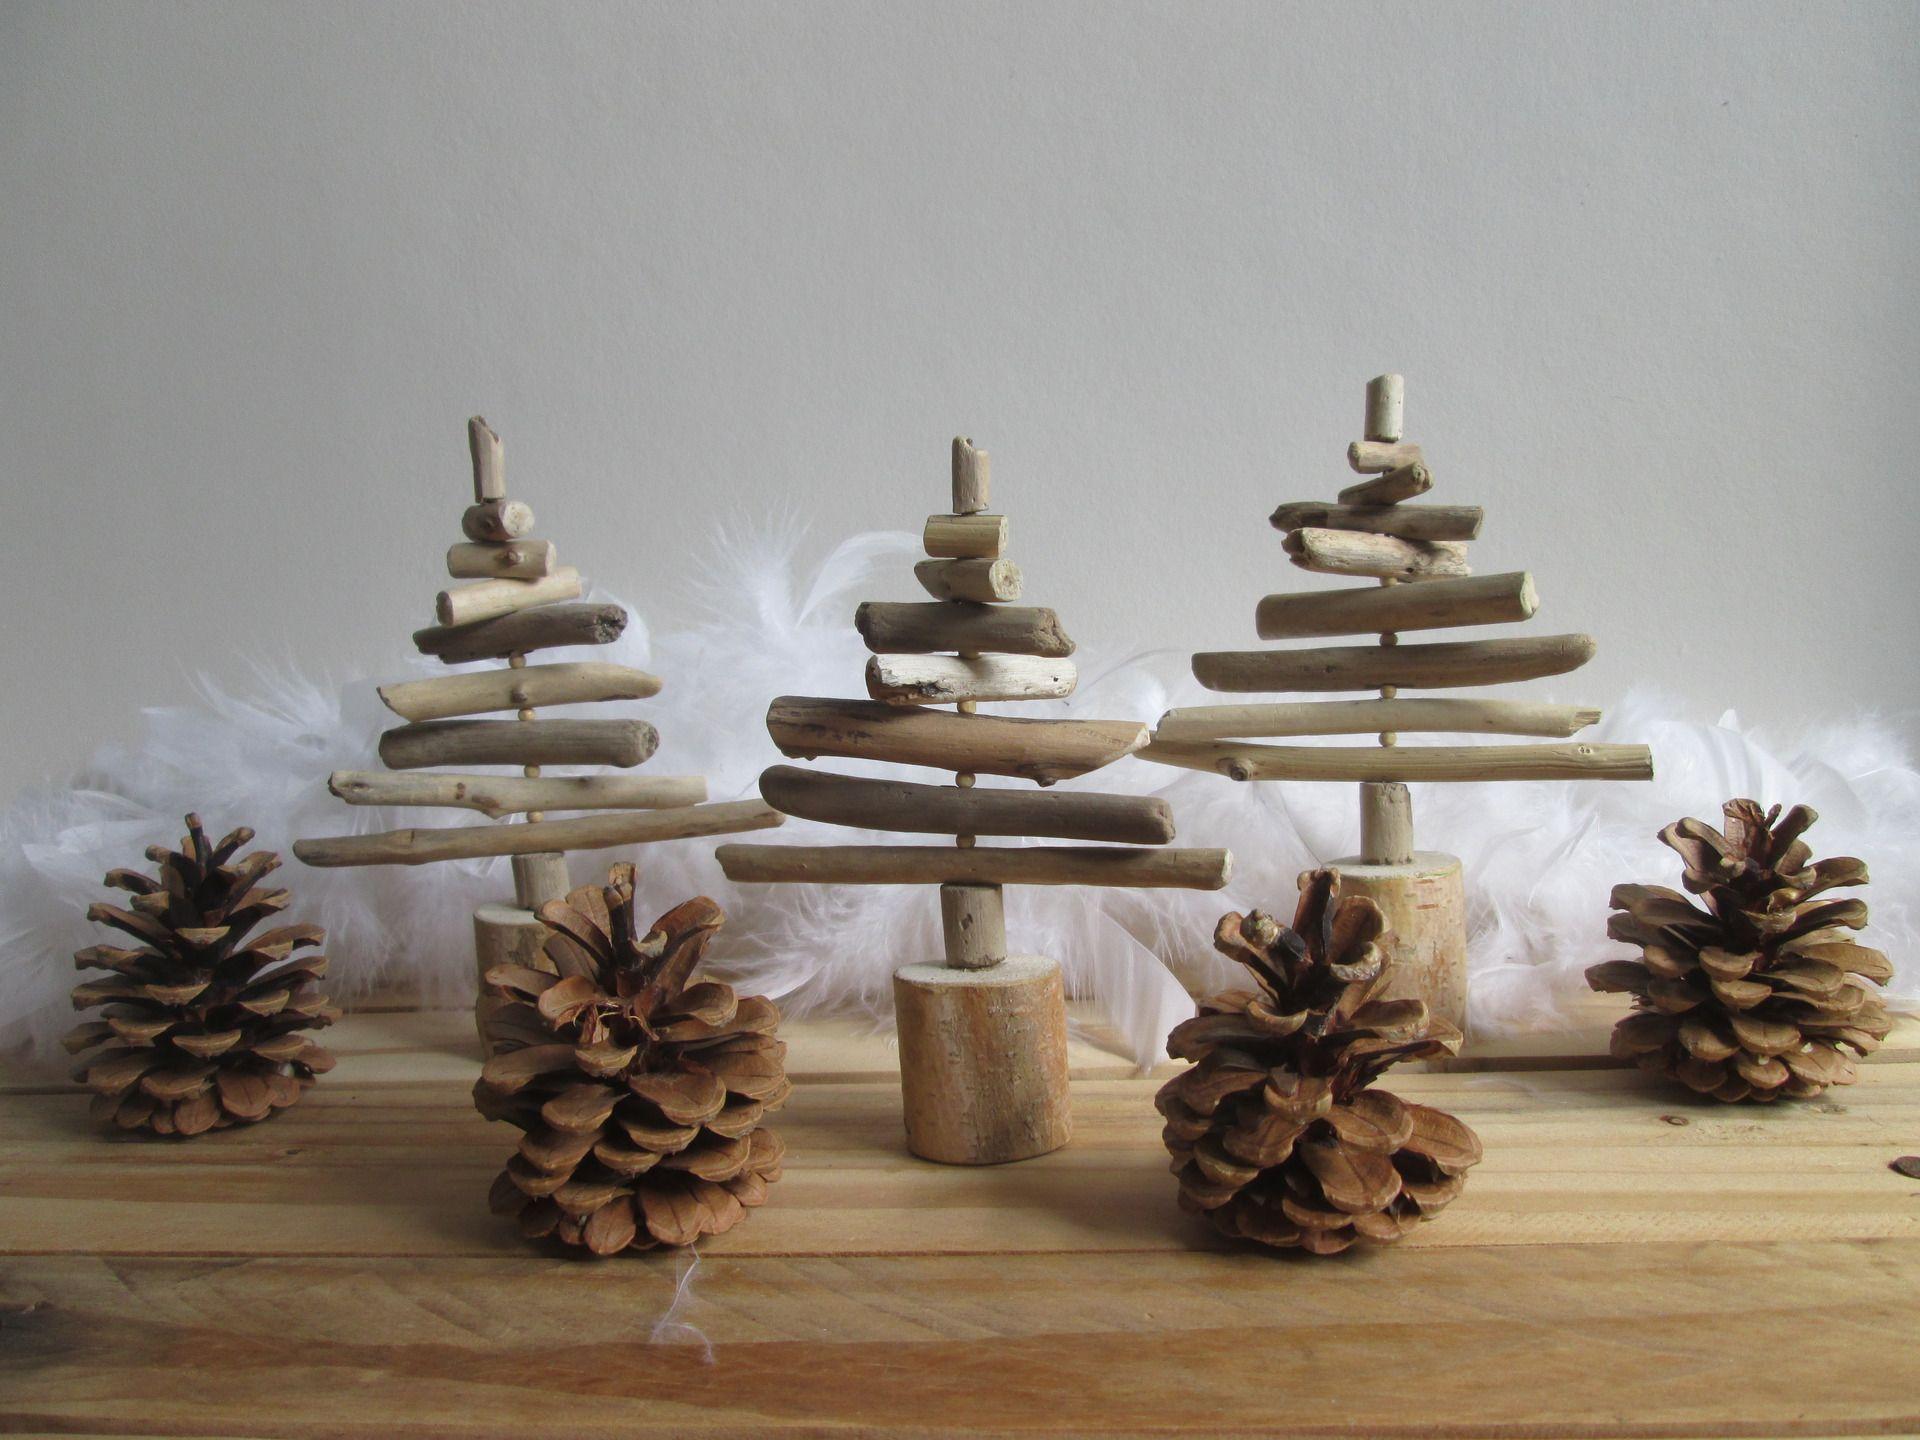 trio de sapins en bois flott s et pommes de pin. Black Bedroom Furniture Sets. Home Design Ideas